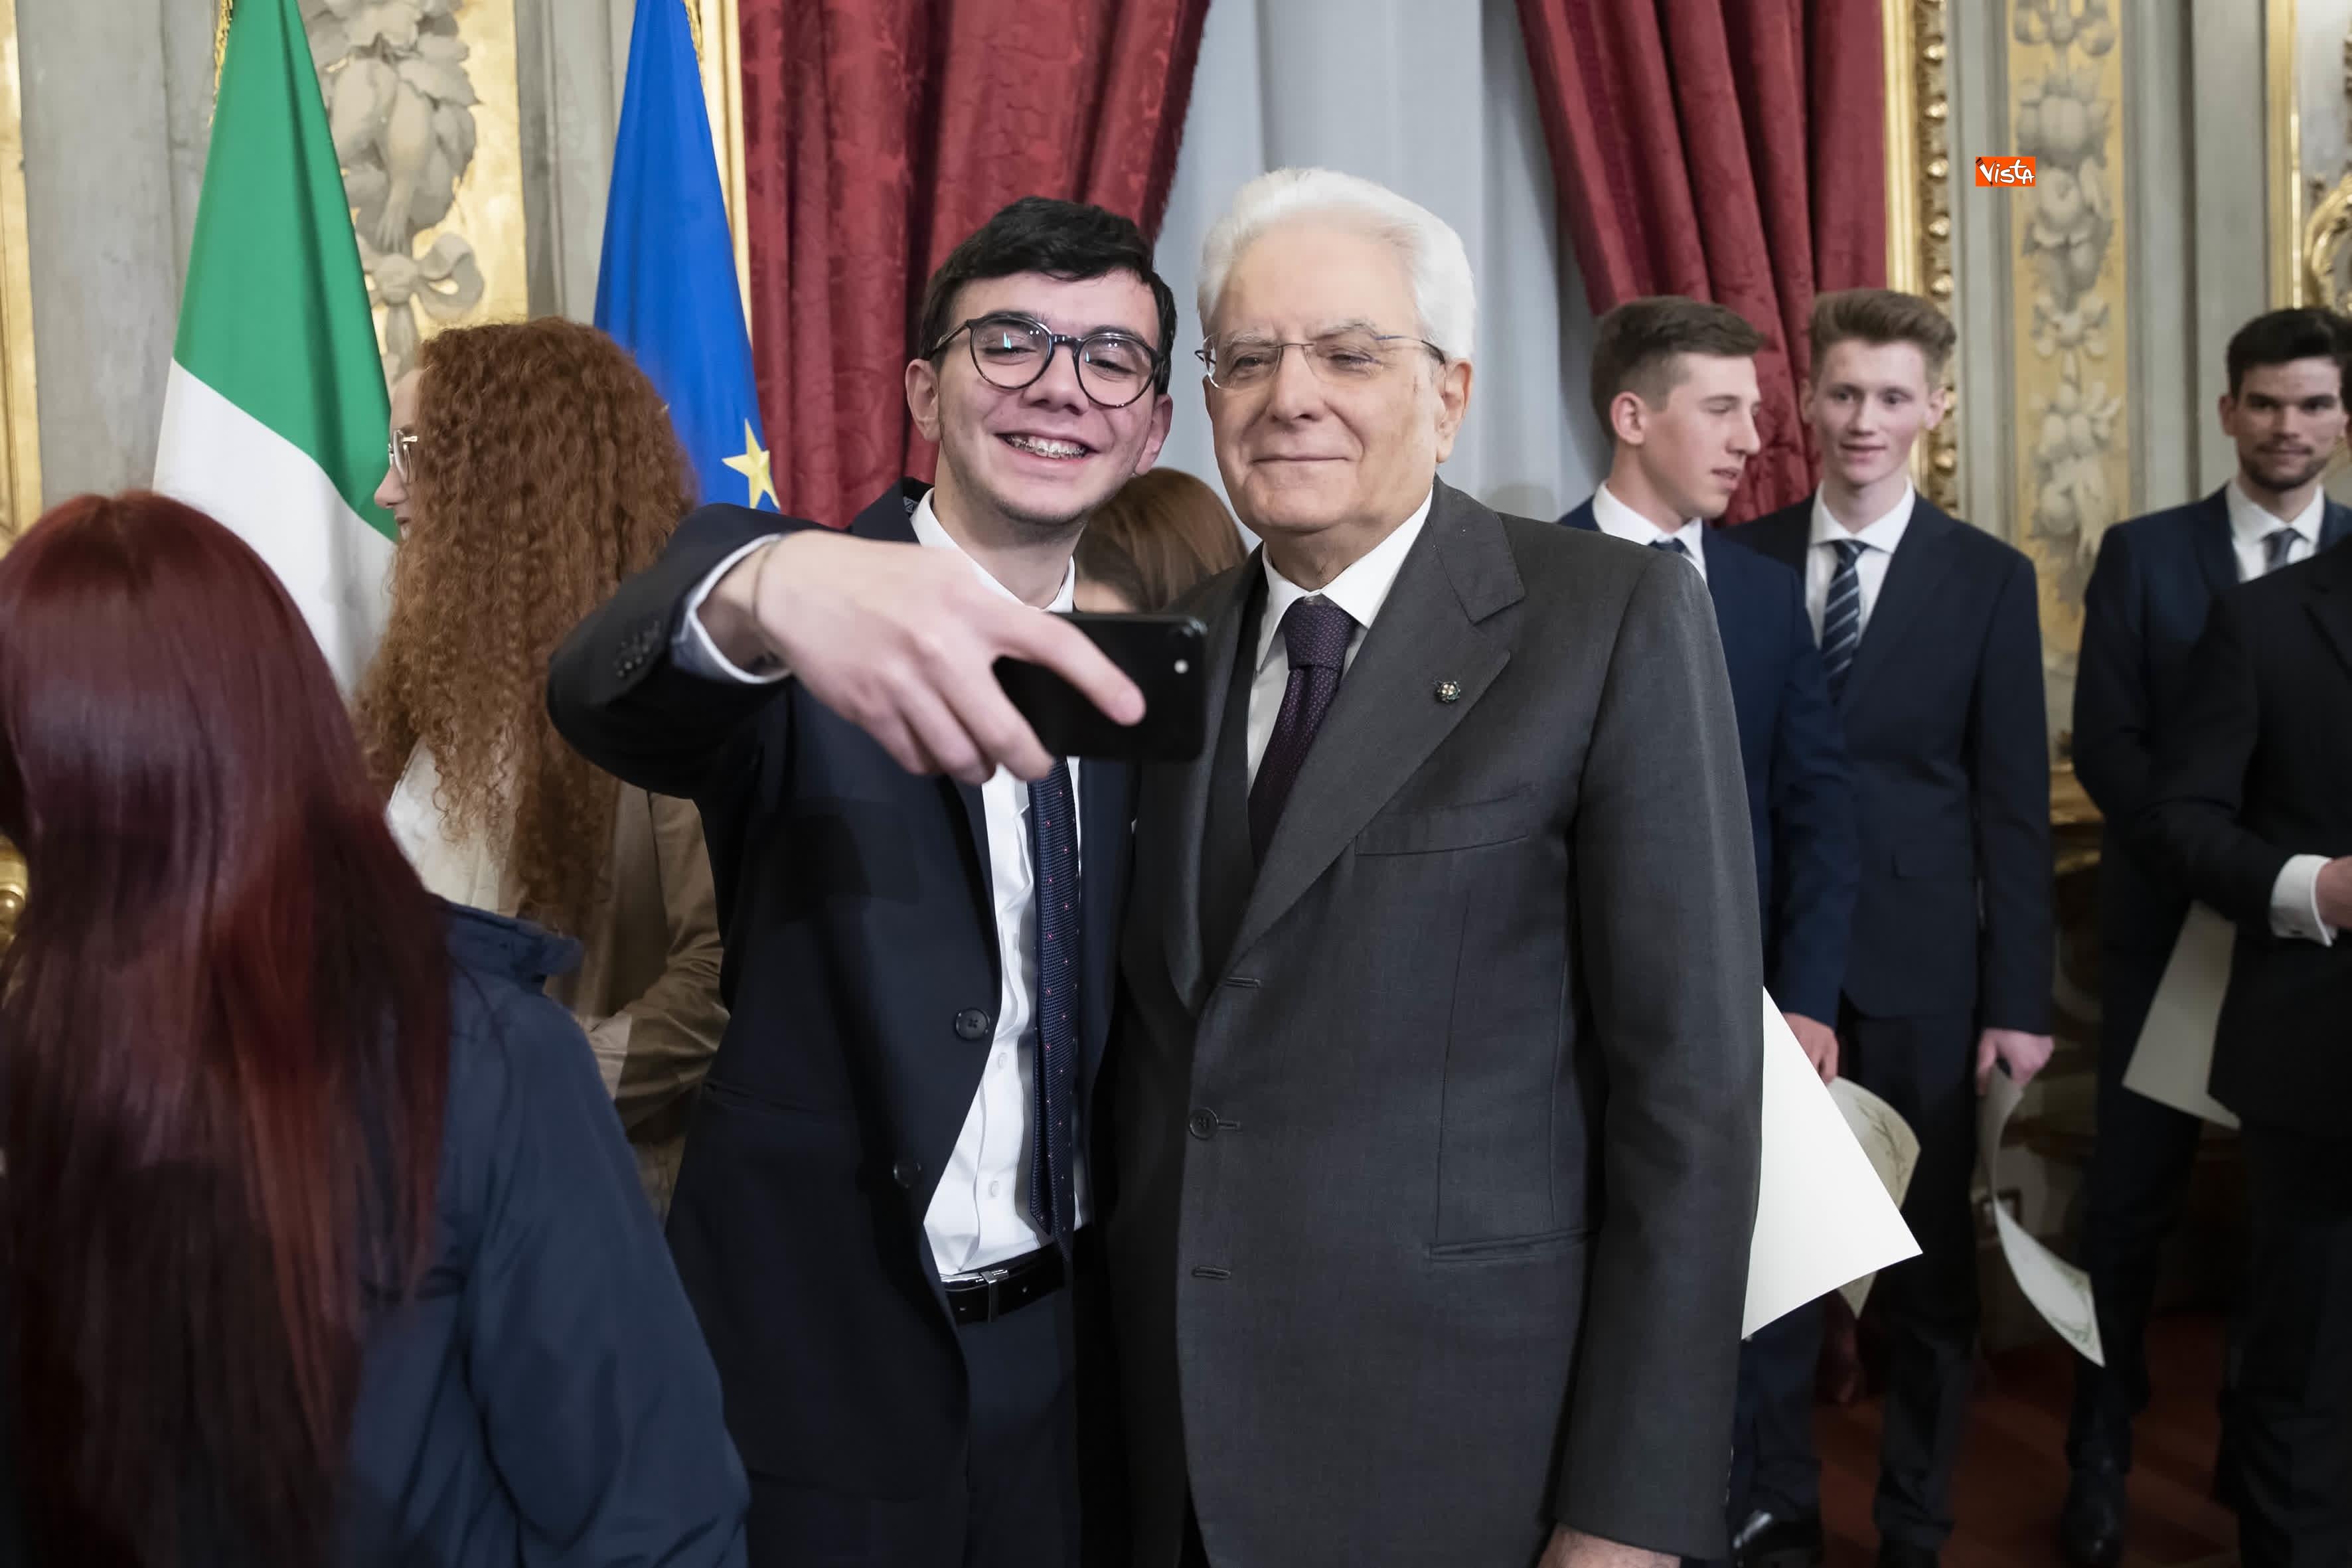 13-03-19 Mattarella consegna gli Attestati d Onore ai nuovi Alfieri della Repubblica, le immagini_29